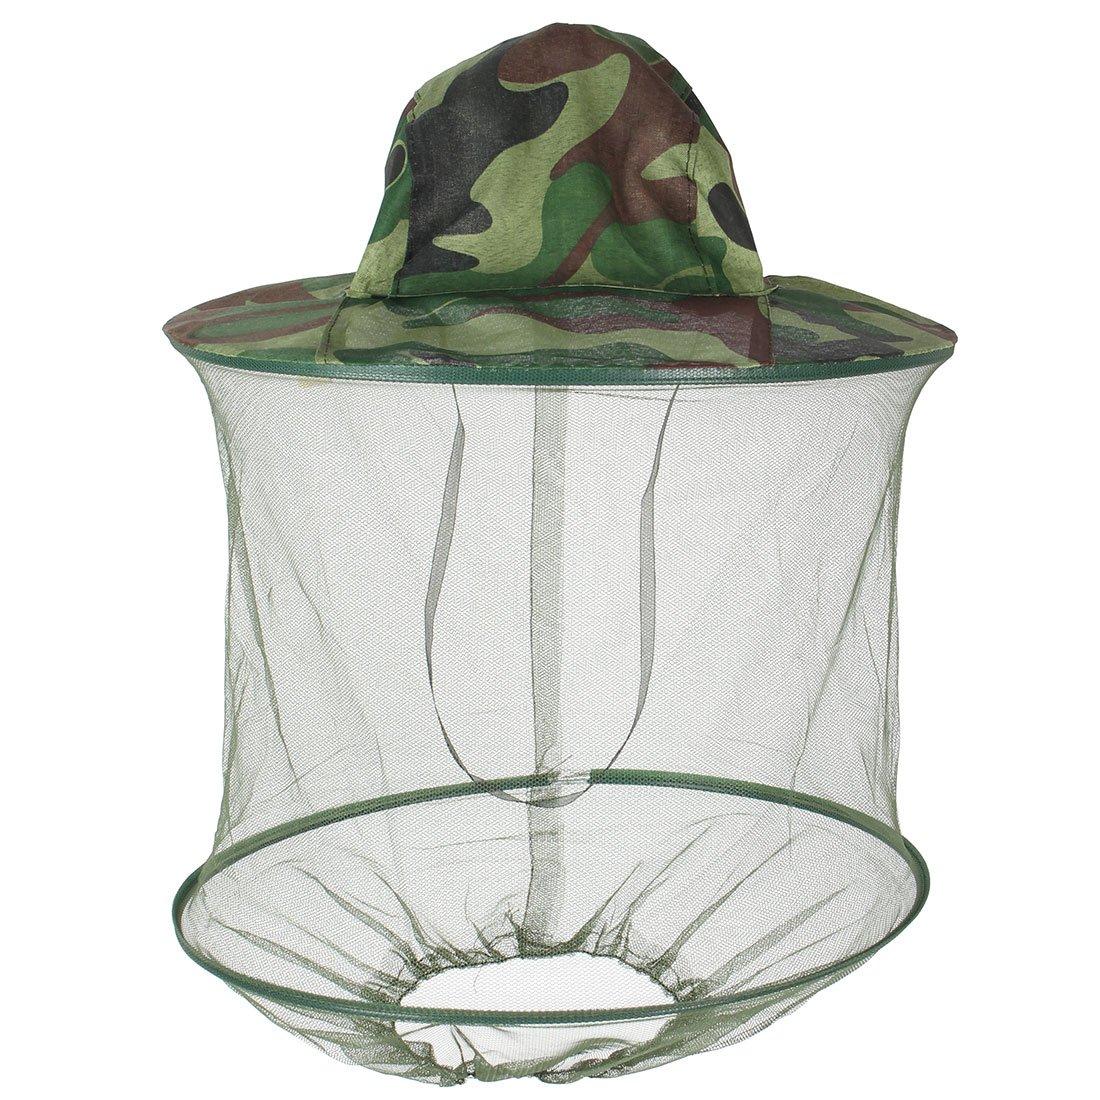 Cappello verde mimetico con retino anti-zanzare,copricapo in nylon per la pesca Dimart